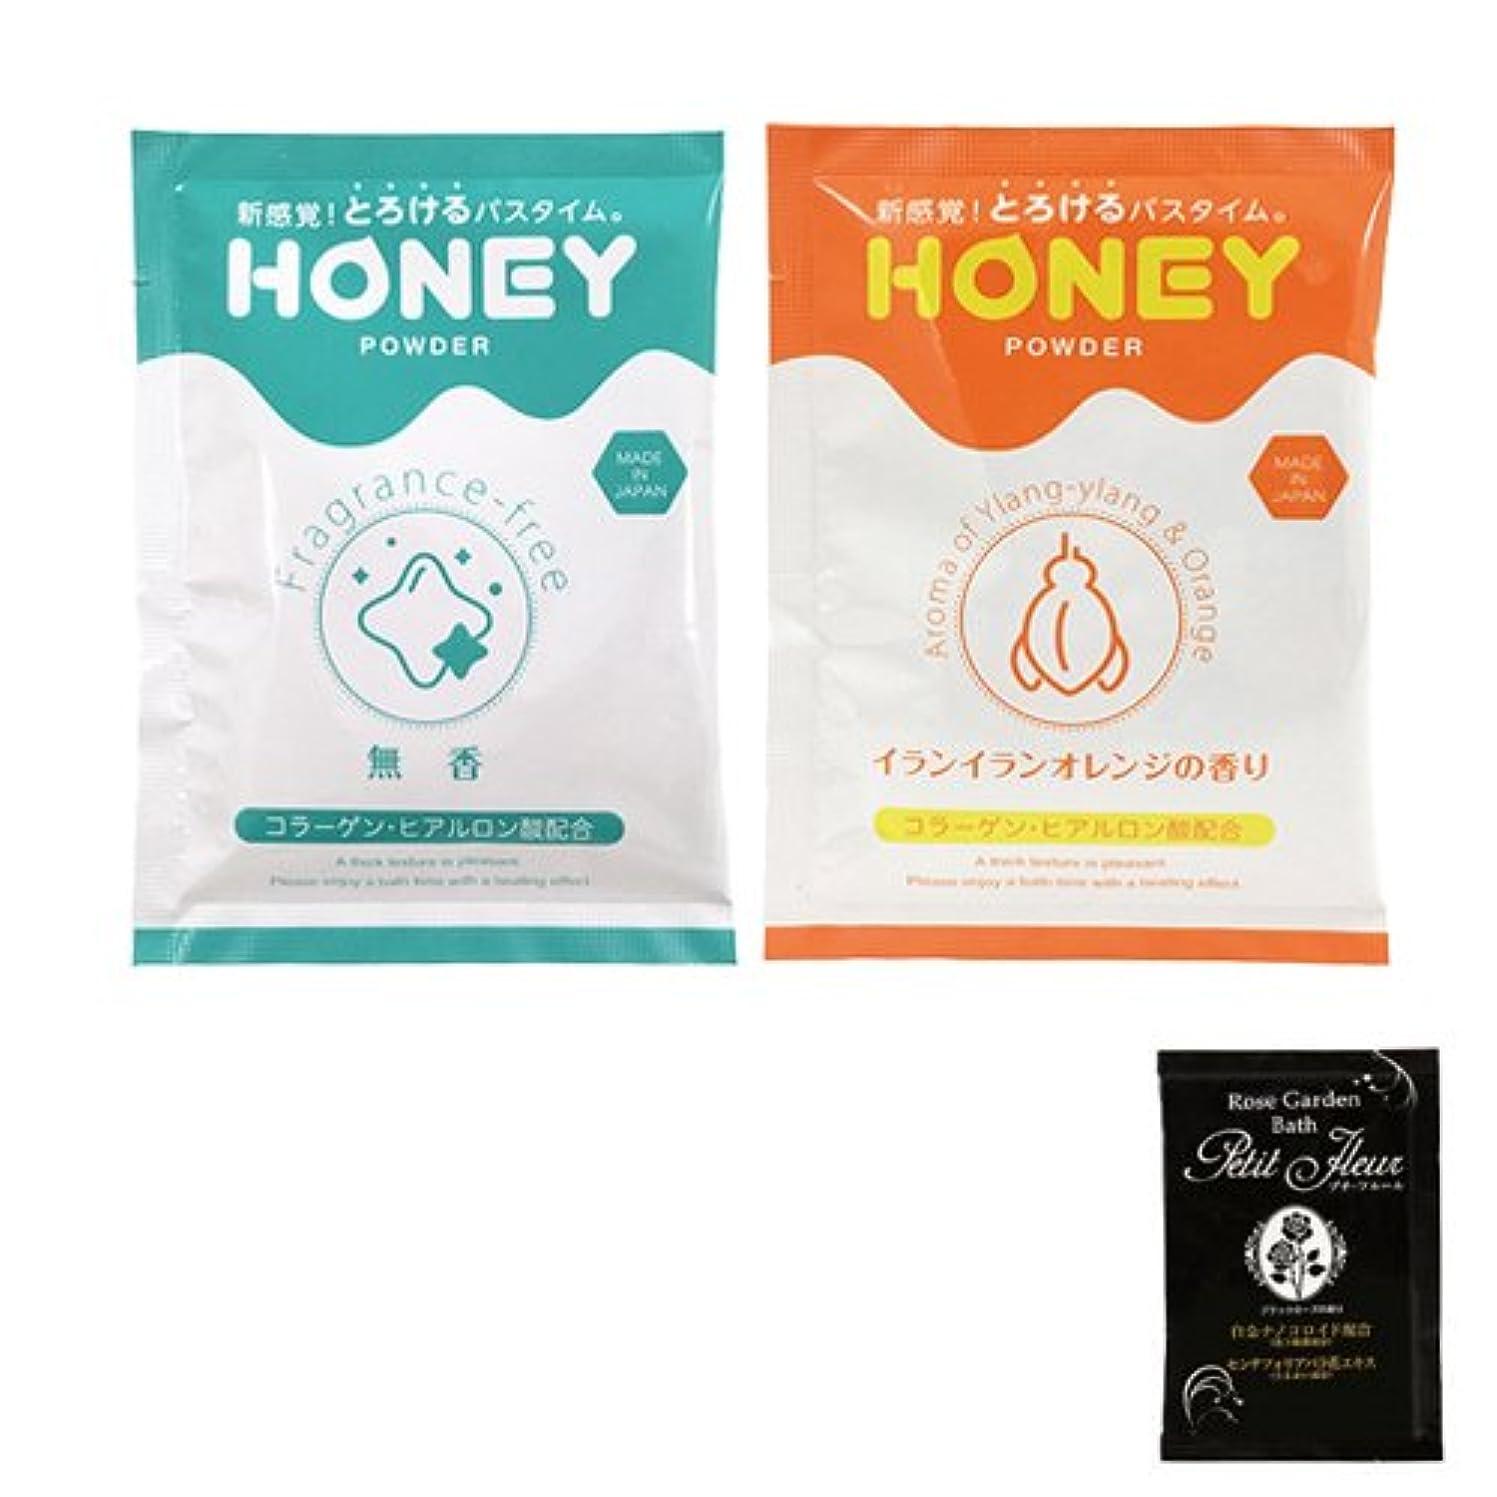 海洋ボランティアマーティフィールディングとろとろ入浴剤【honey powder】粉末タイプ イランイランオレンジの香り + 無香 + 入浴剤(プチフルール)1回分